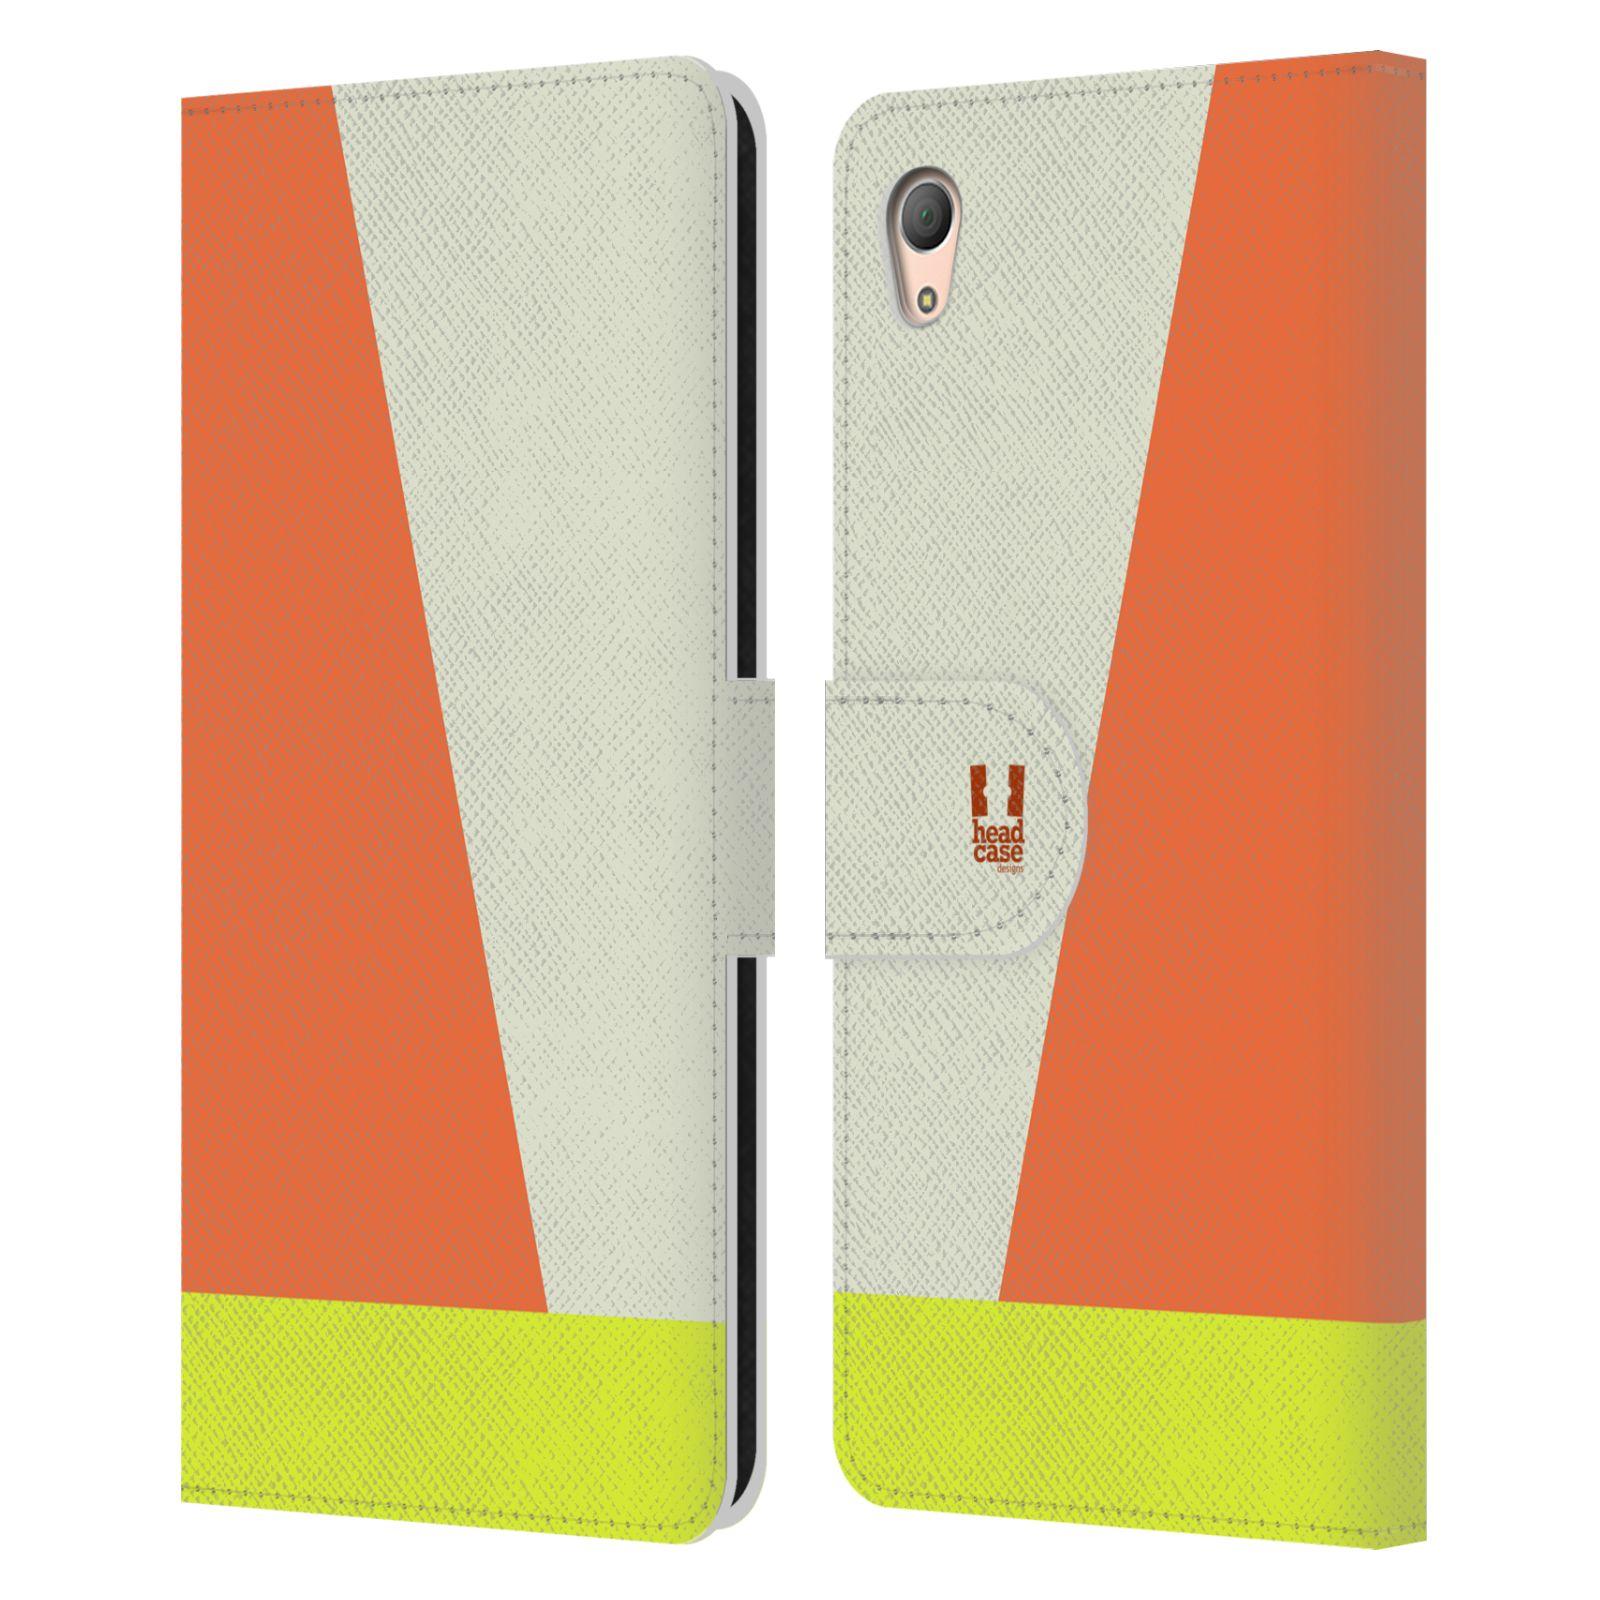 HEAD CASE Flipové pouzdro pro mobil SONY XPERIA Z3+(Z3 PLUS) barevné tvary slonová kost